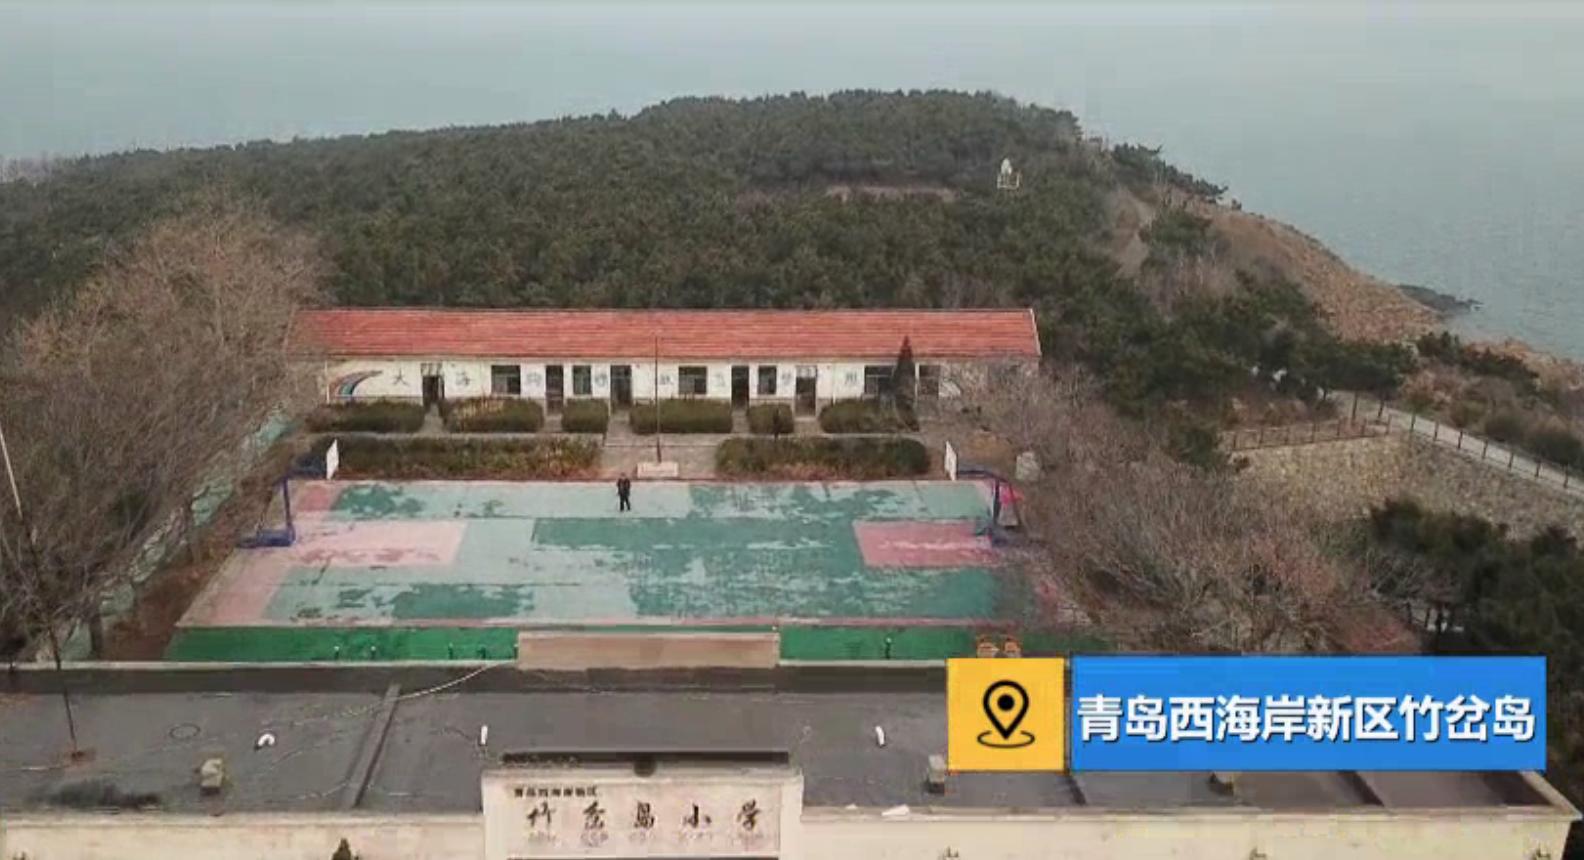 竹岔岛小学。 视频截图